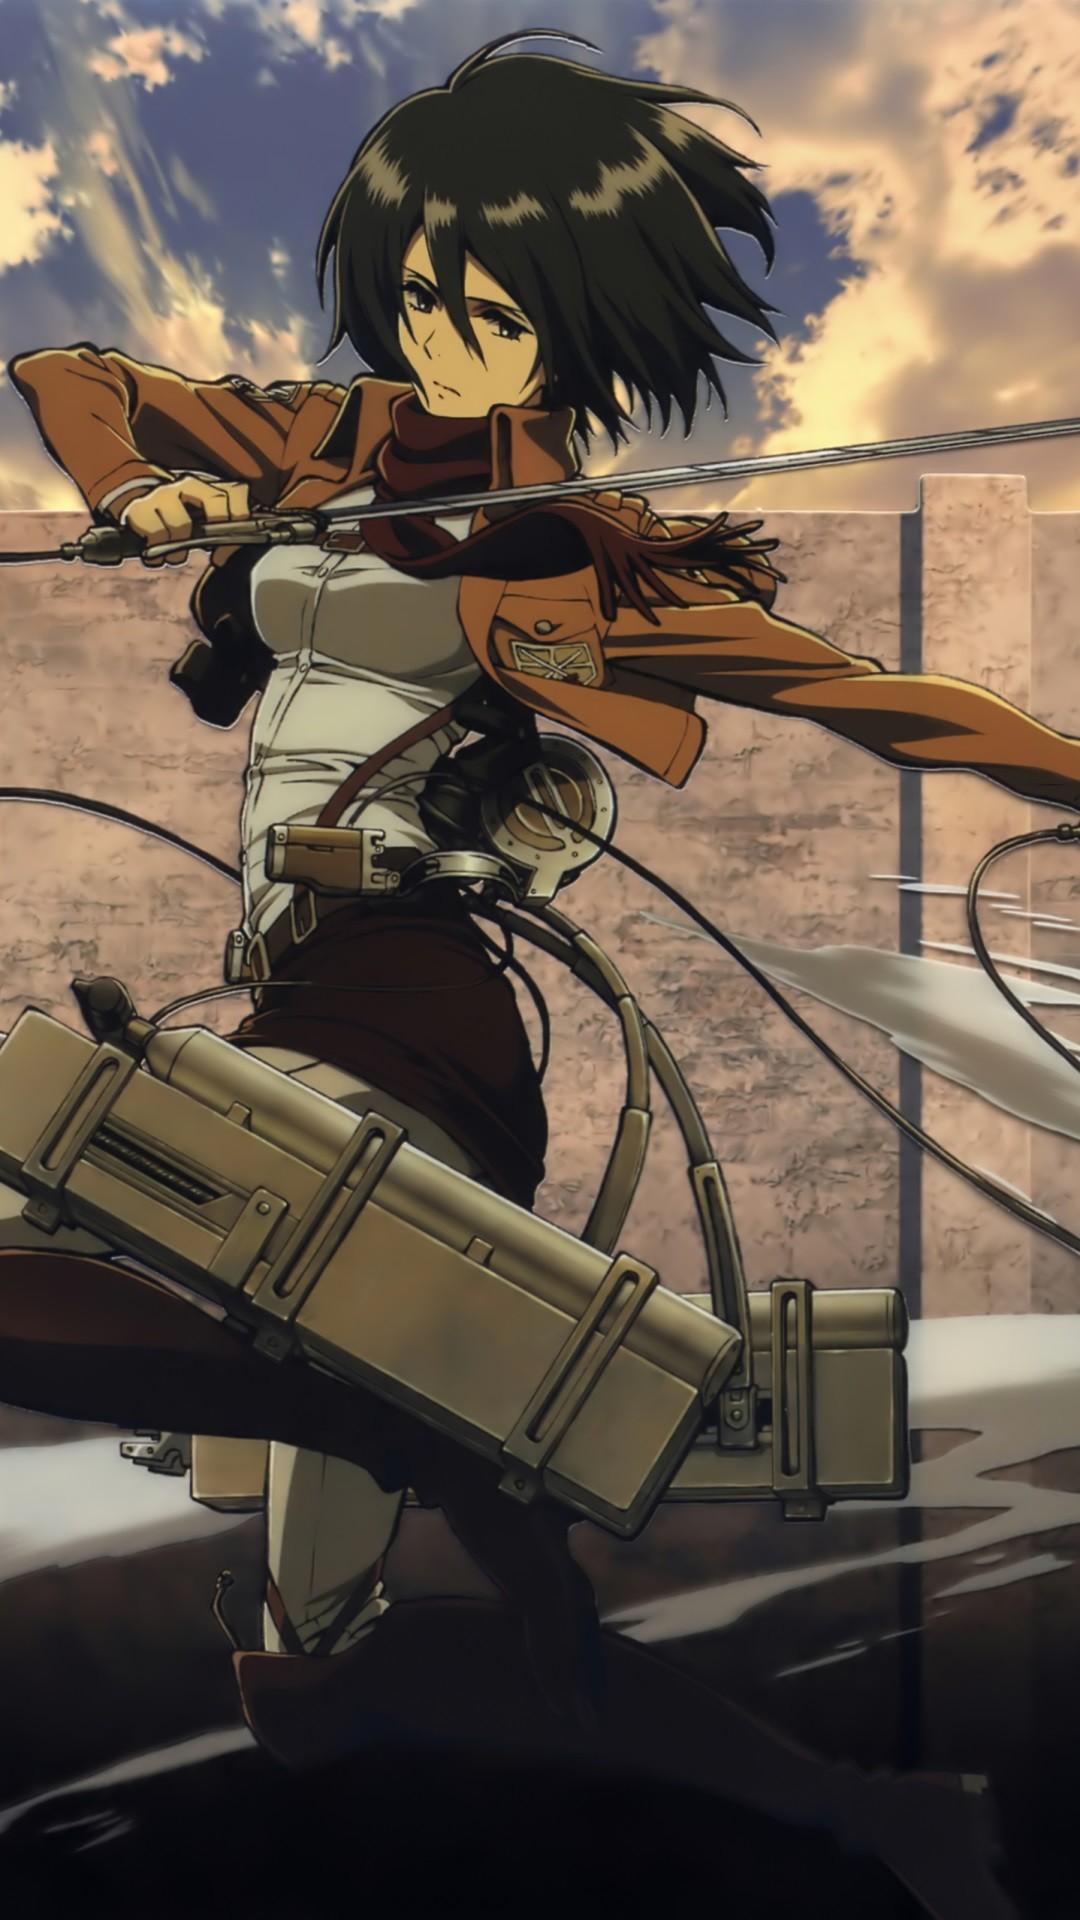 Shingeki no Kyojin.Mikasa Ackerman Samsung Galaxy S4 wallpaper.1080×1920